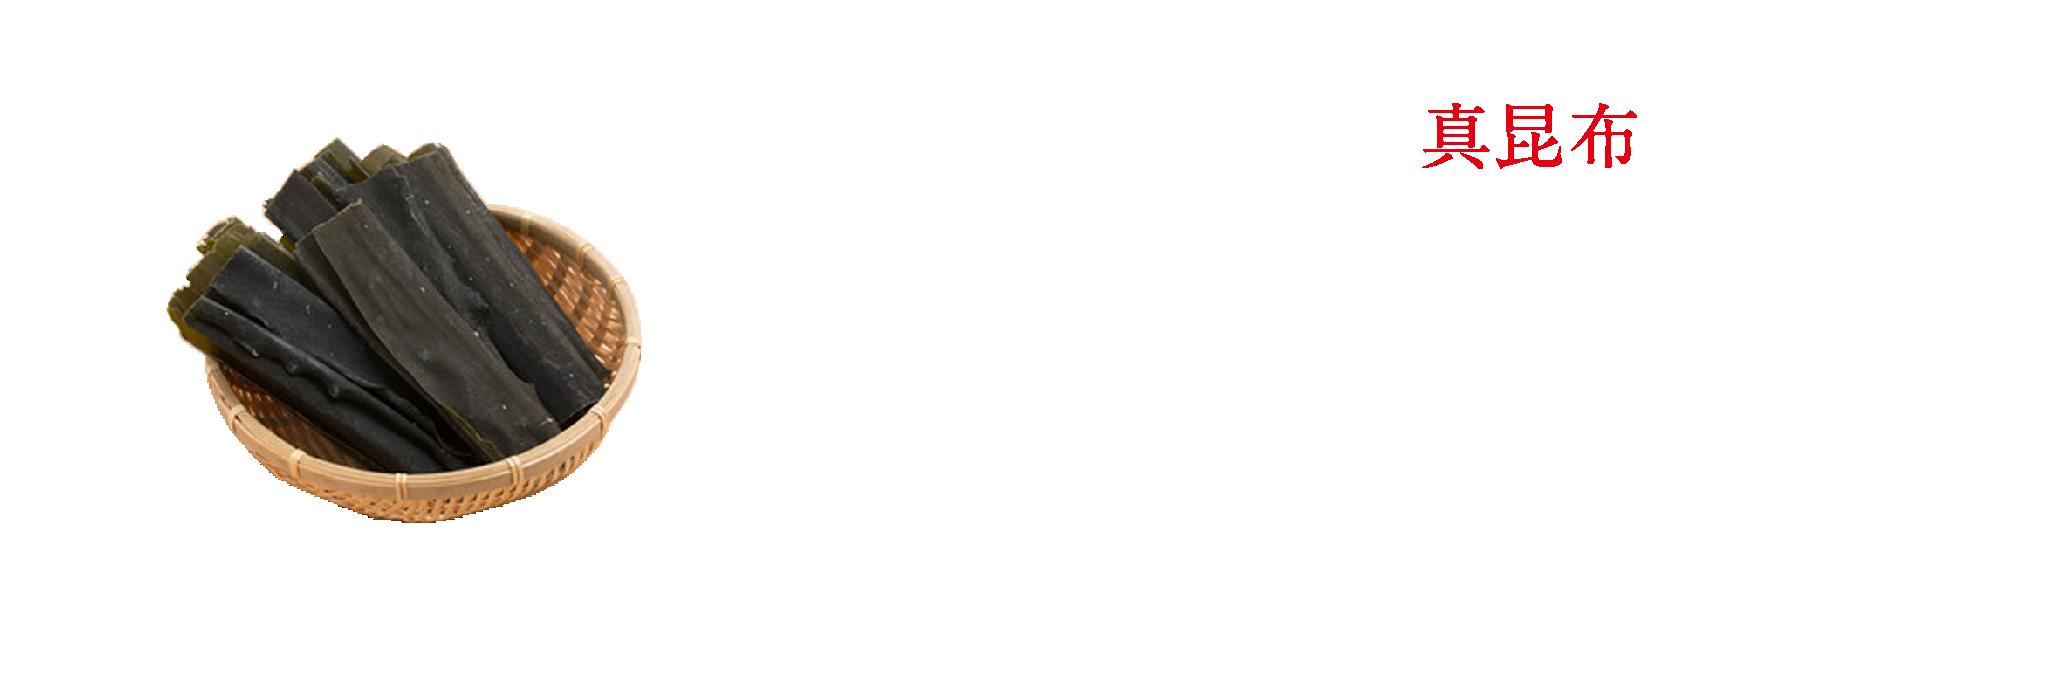 北海道南茅部産真昆布とは昔、松前藩が朝廷や将軍に上納していたことから「献上昆布」の別称があり、北前船の時代より「白口浜こんぶ」とも呼ばれ上浜のものとして、他産地の昆布と区別されるほど身が厚く上品で清澄な出汁が豊富に取れることで重宝されてきた昆布です。